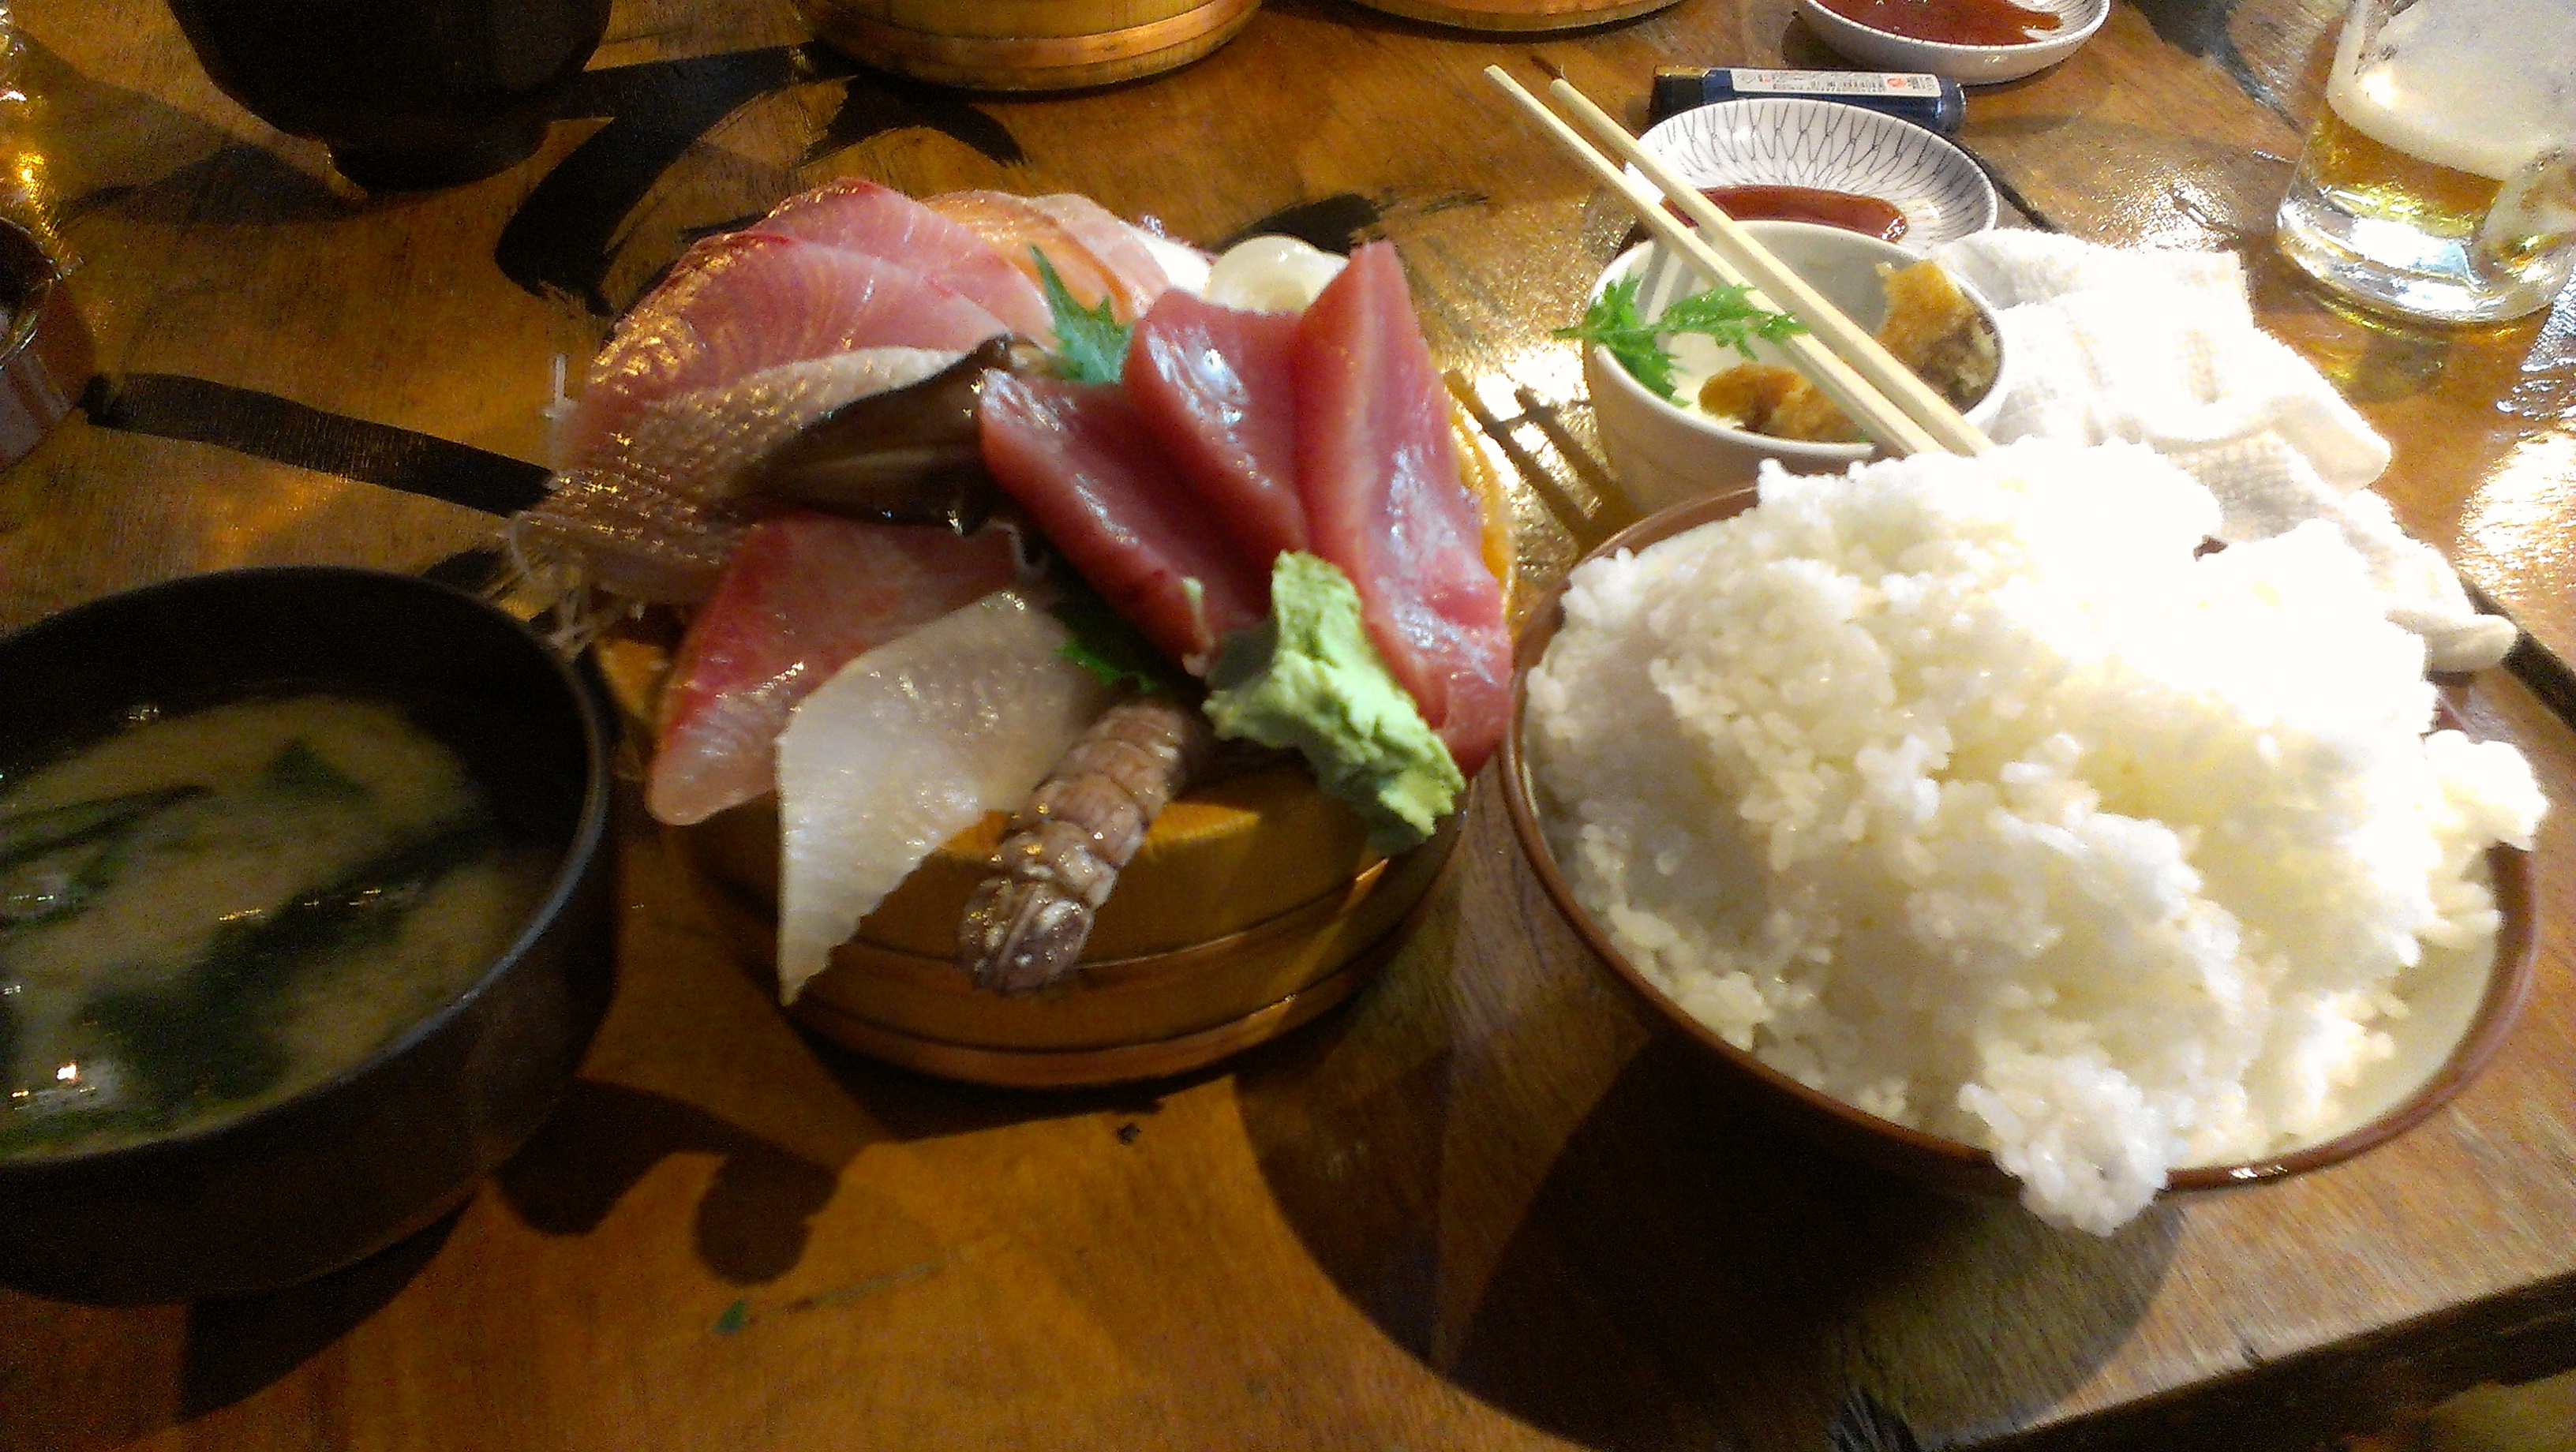 タカマル鮮魚店の海鮮丼は美味い、けれど……